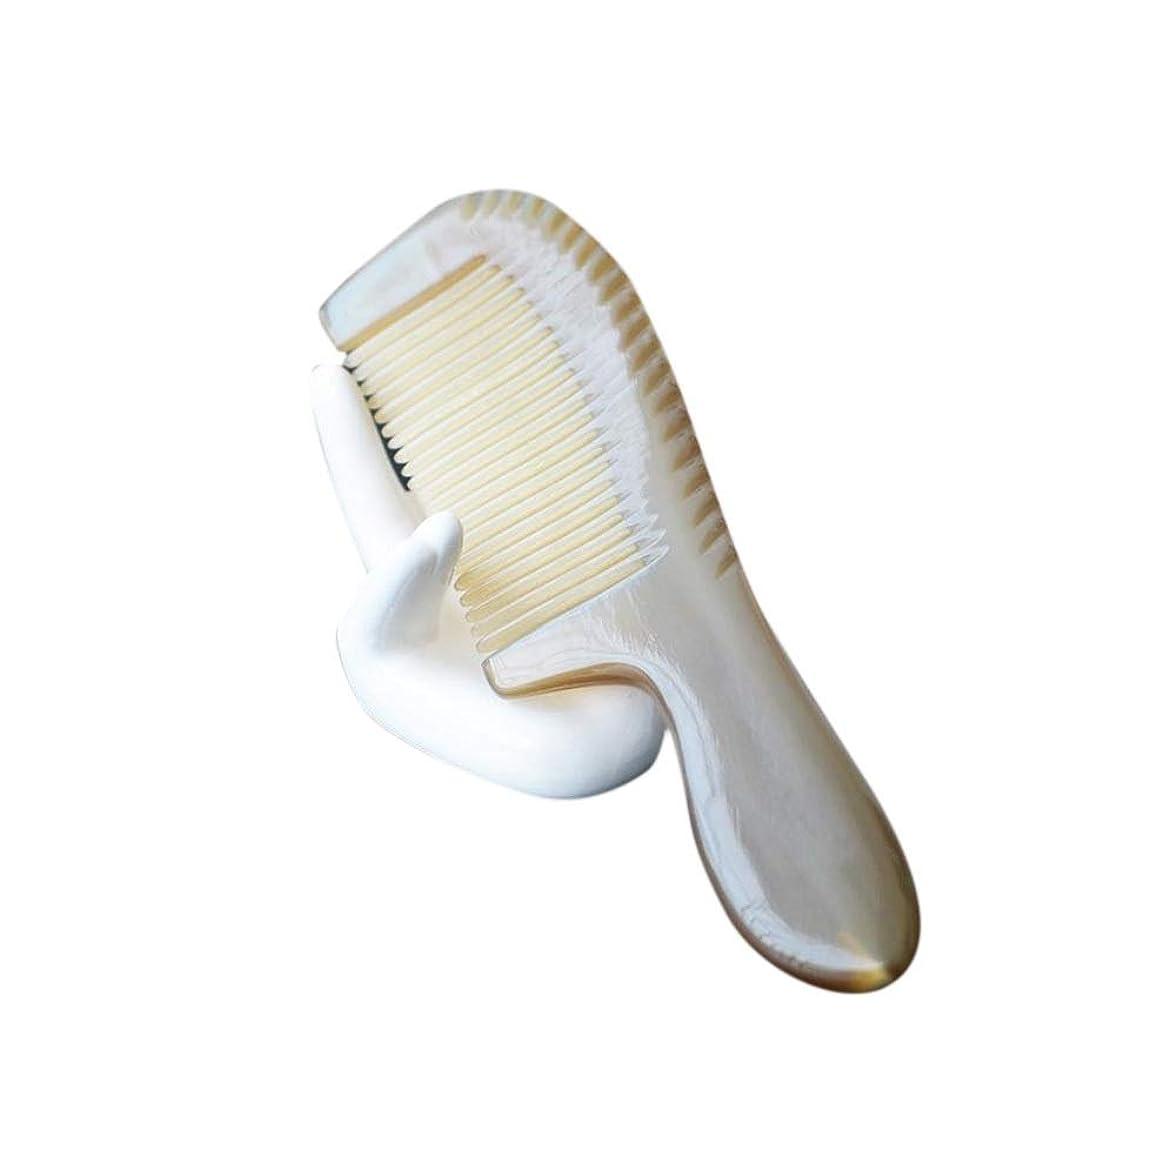 モネ応援する強いナチュラルバッファローホーン櫛帯電防止ファイン歯の櫛(ノースタティック、ノーもつれ) ヘアケア (色 : Photo color)